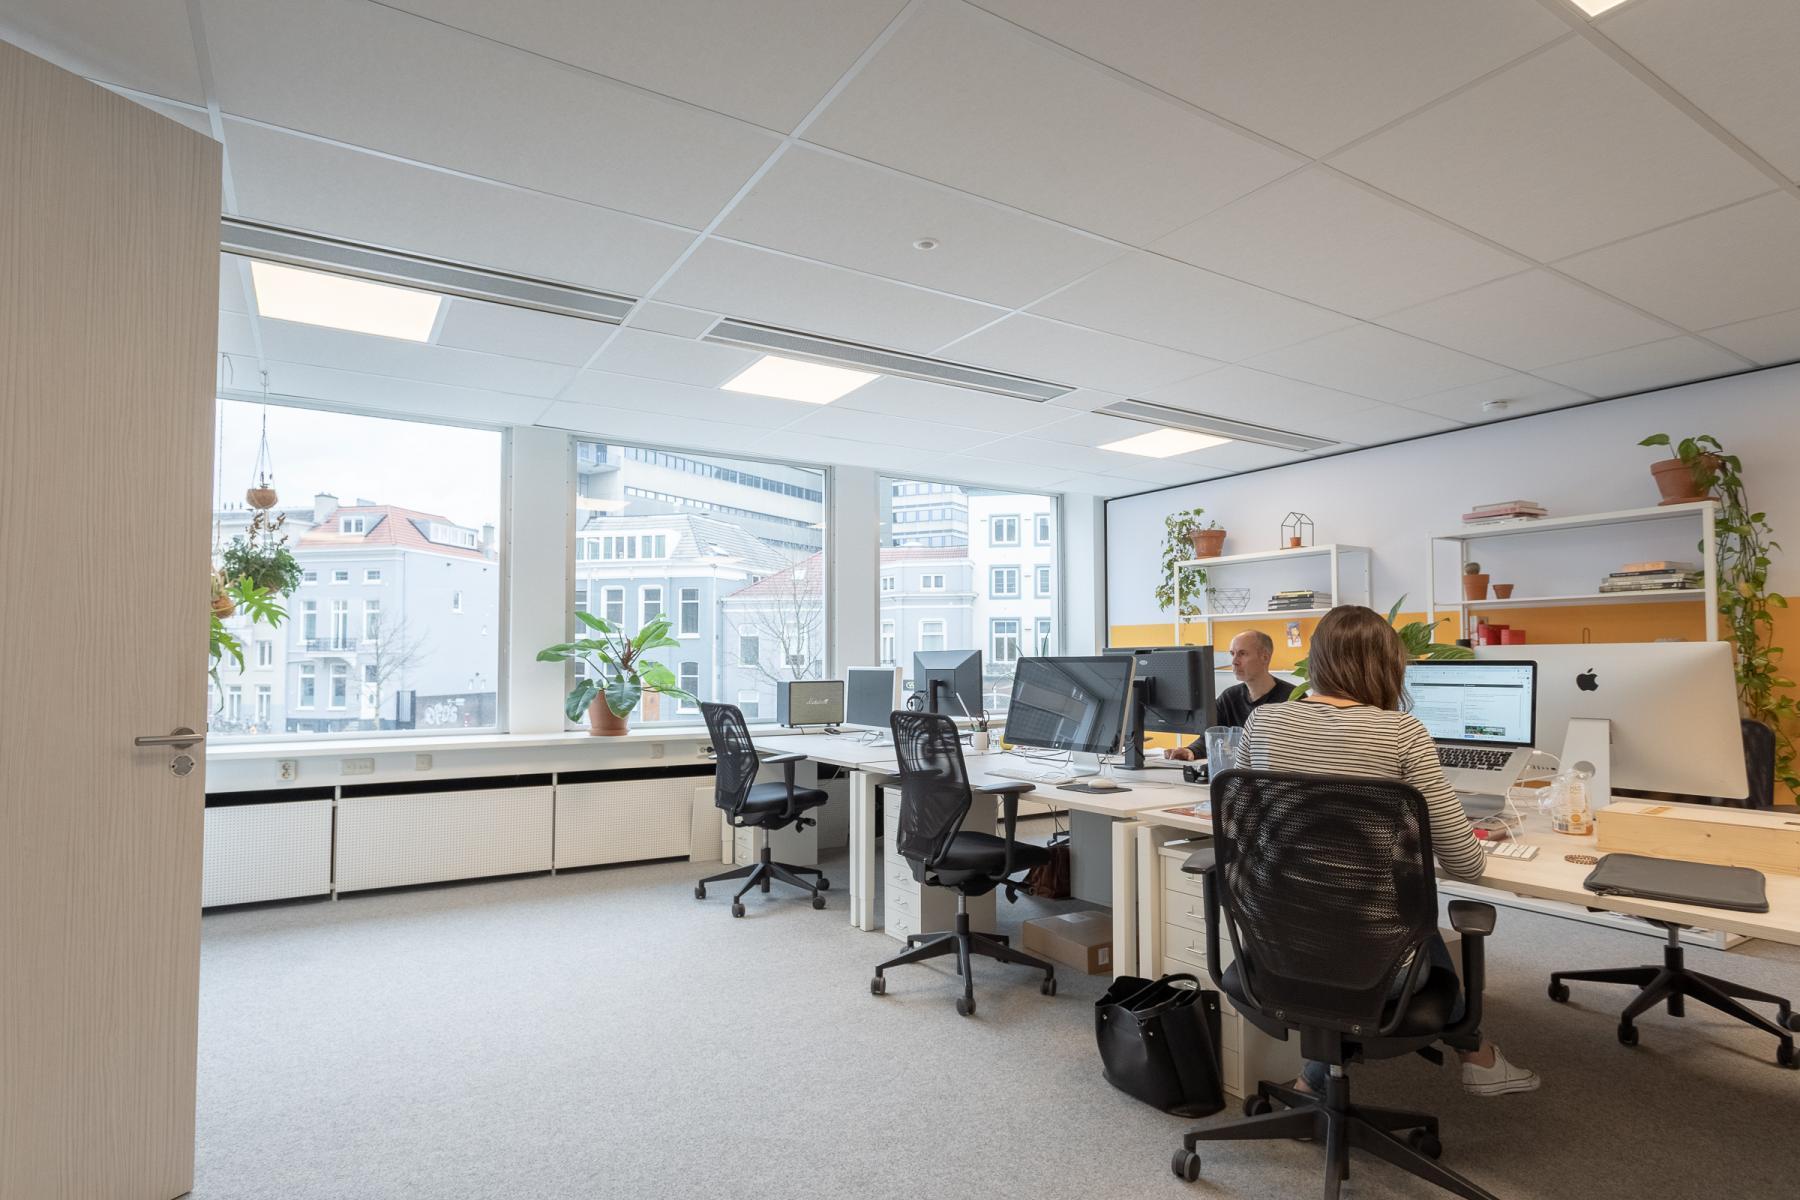 Kantoorruimte werkplek flexplek Arnhem veel ruimte